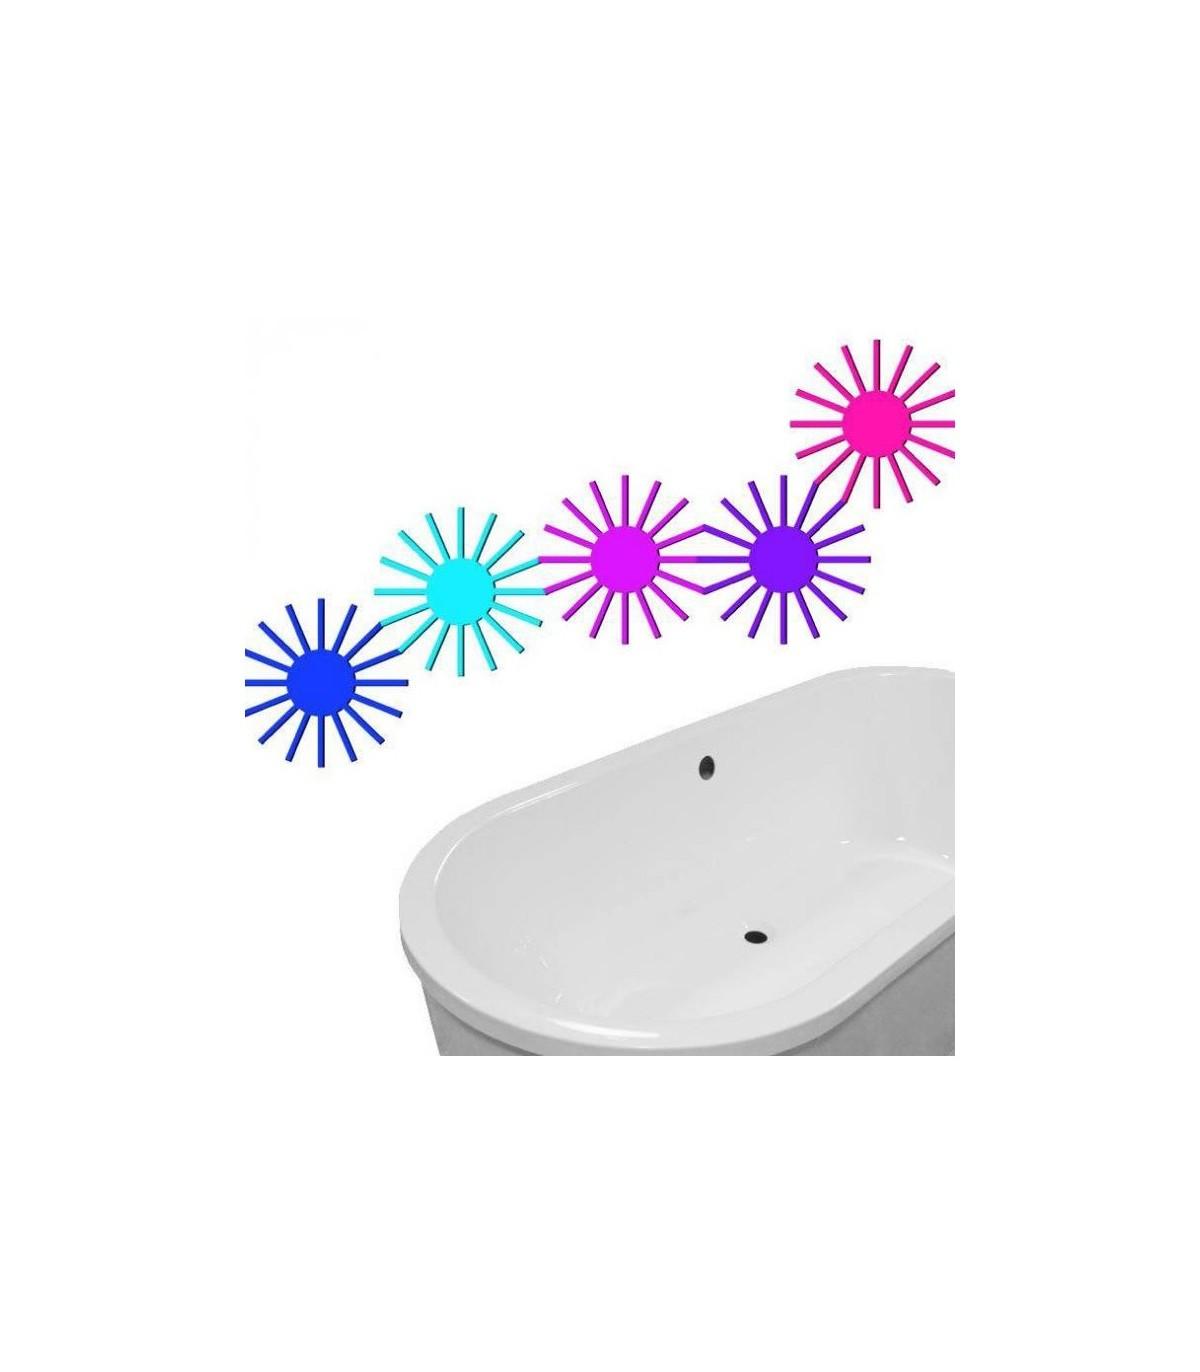 Stickers originaux pour la salle de bain de la maison, idée